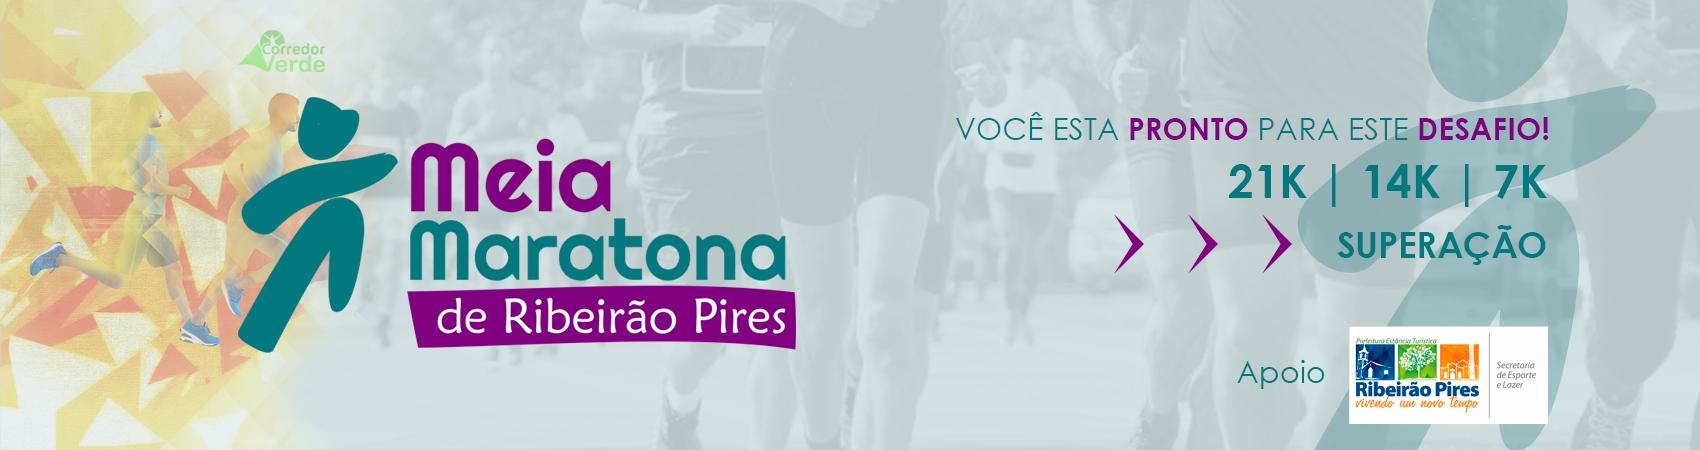 1ª MEIA MARATONA DE RIBEIRÃO PIRES